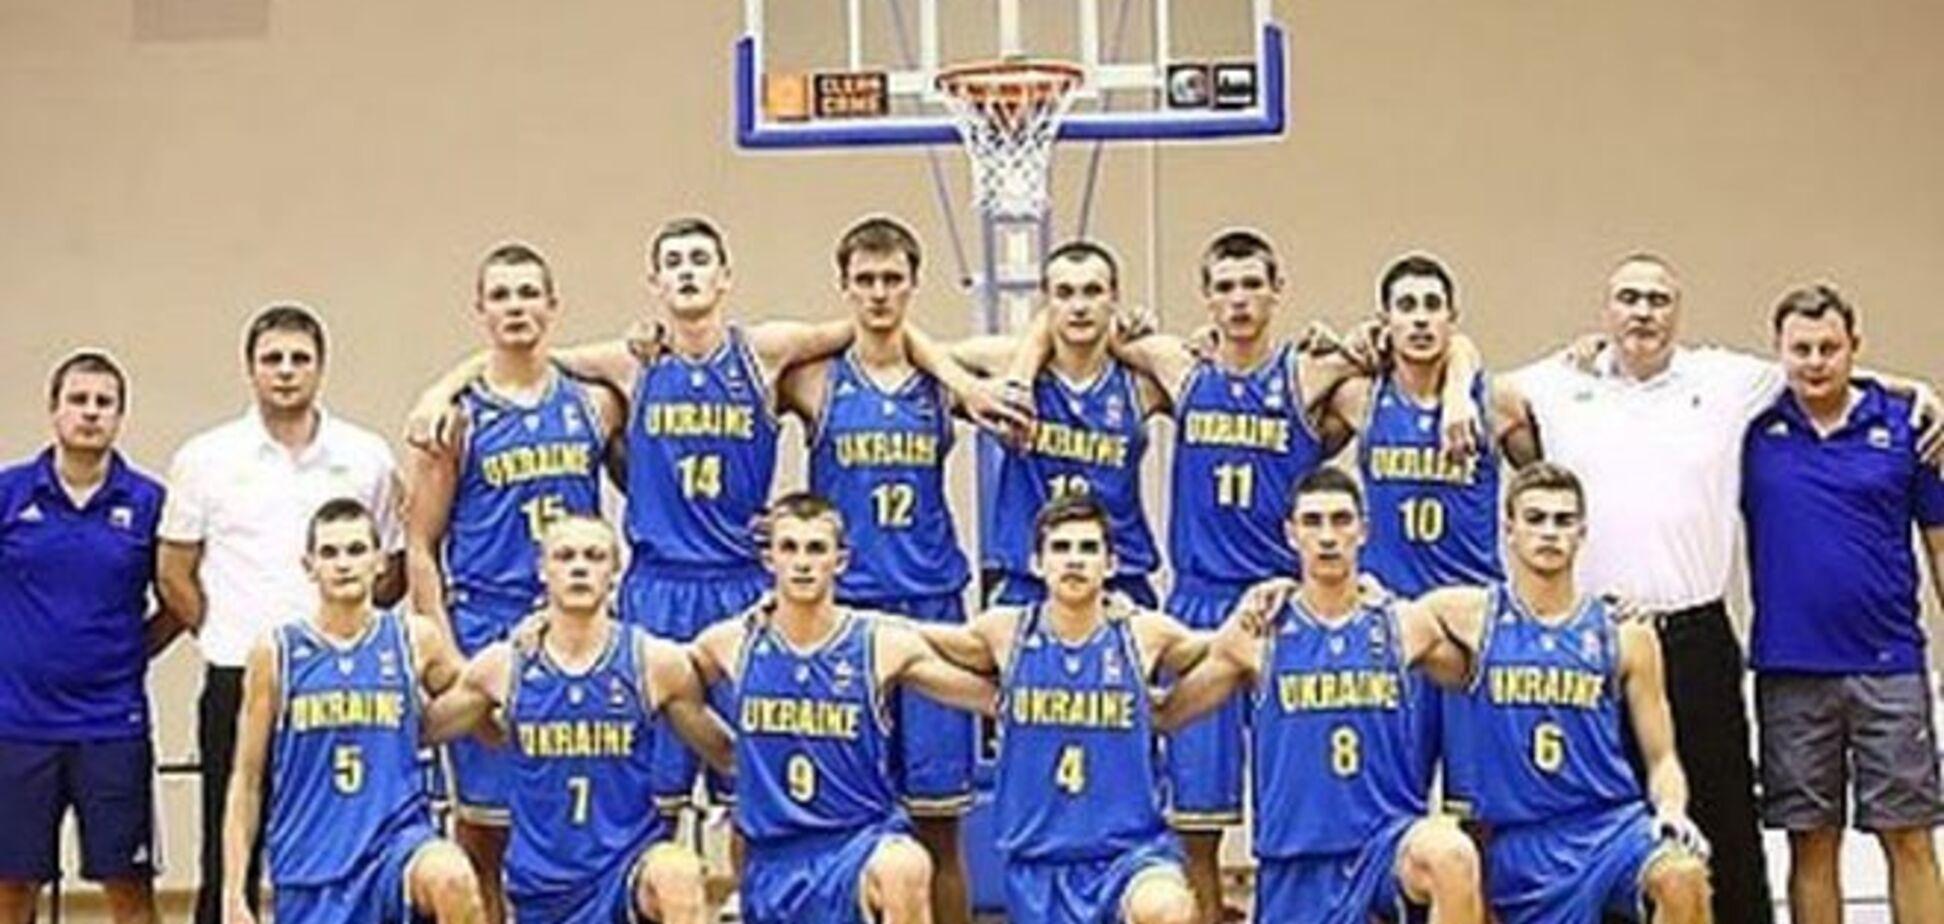 Сборная Украины драматично стартовала на чемпионате Европы